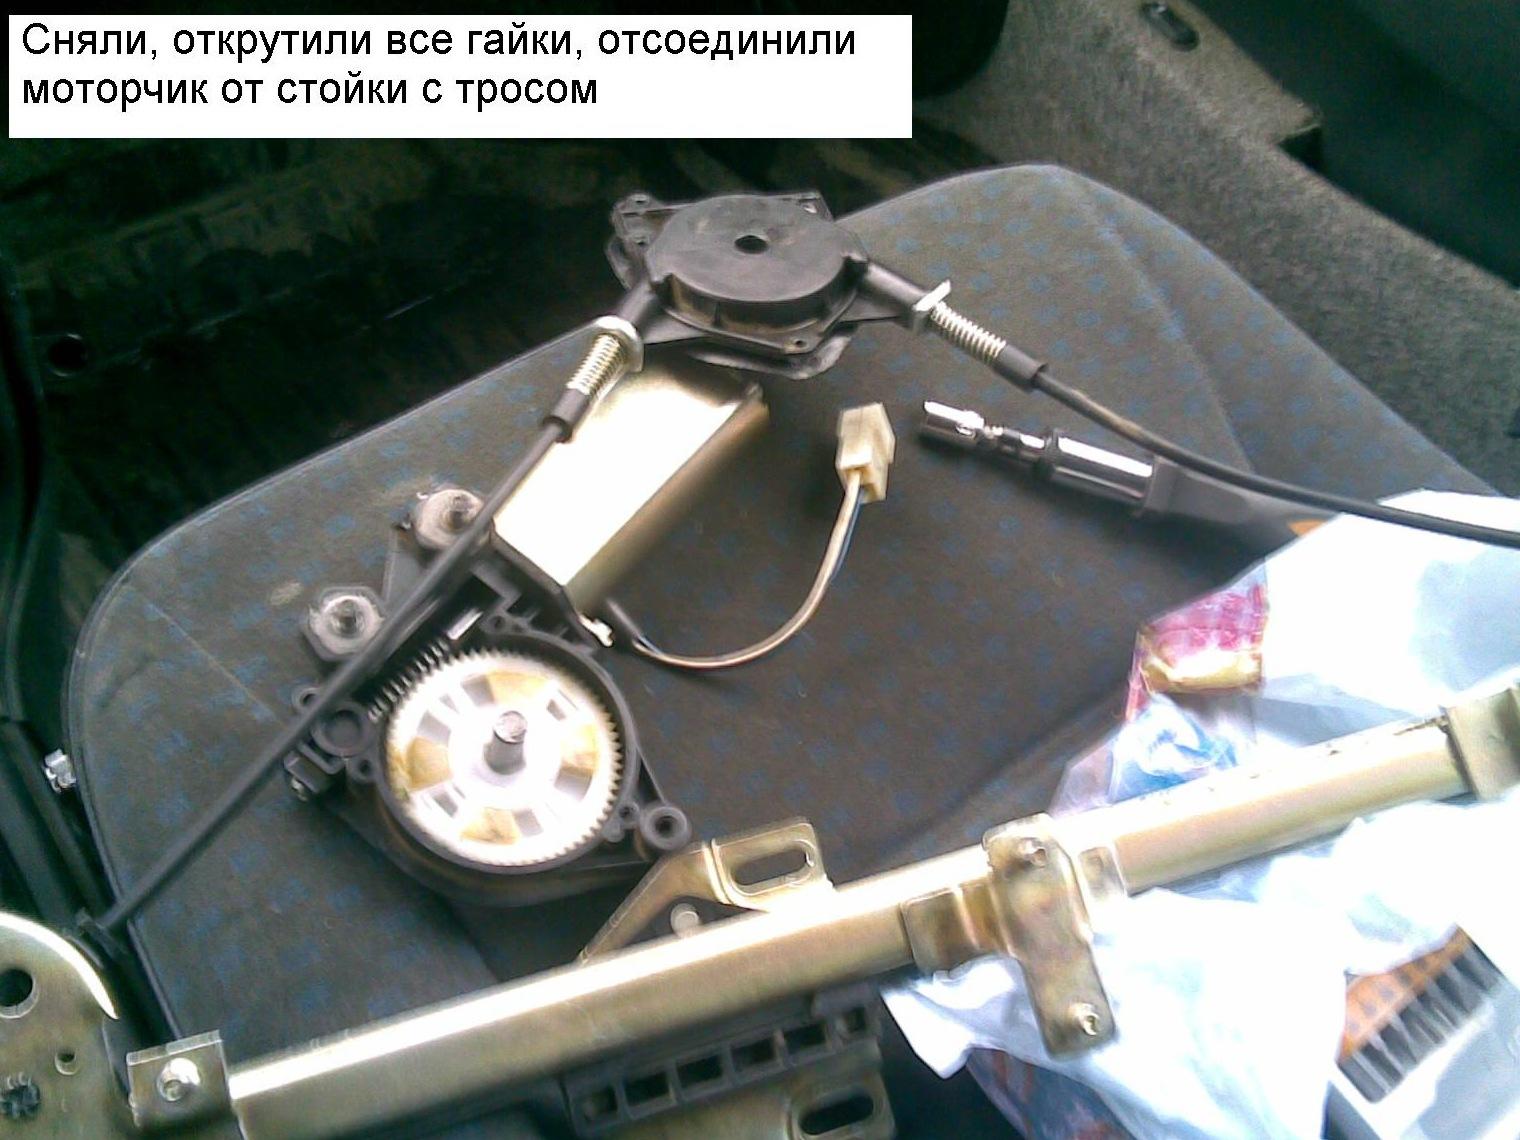 Фото № 2632 Замена моторчика на стеклоподъемнике лада калина